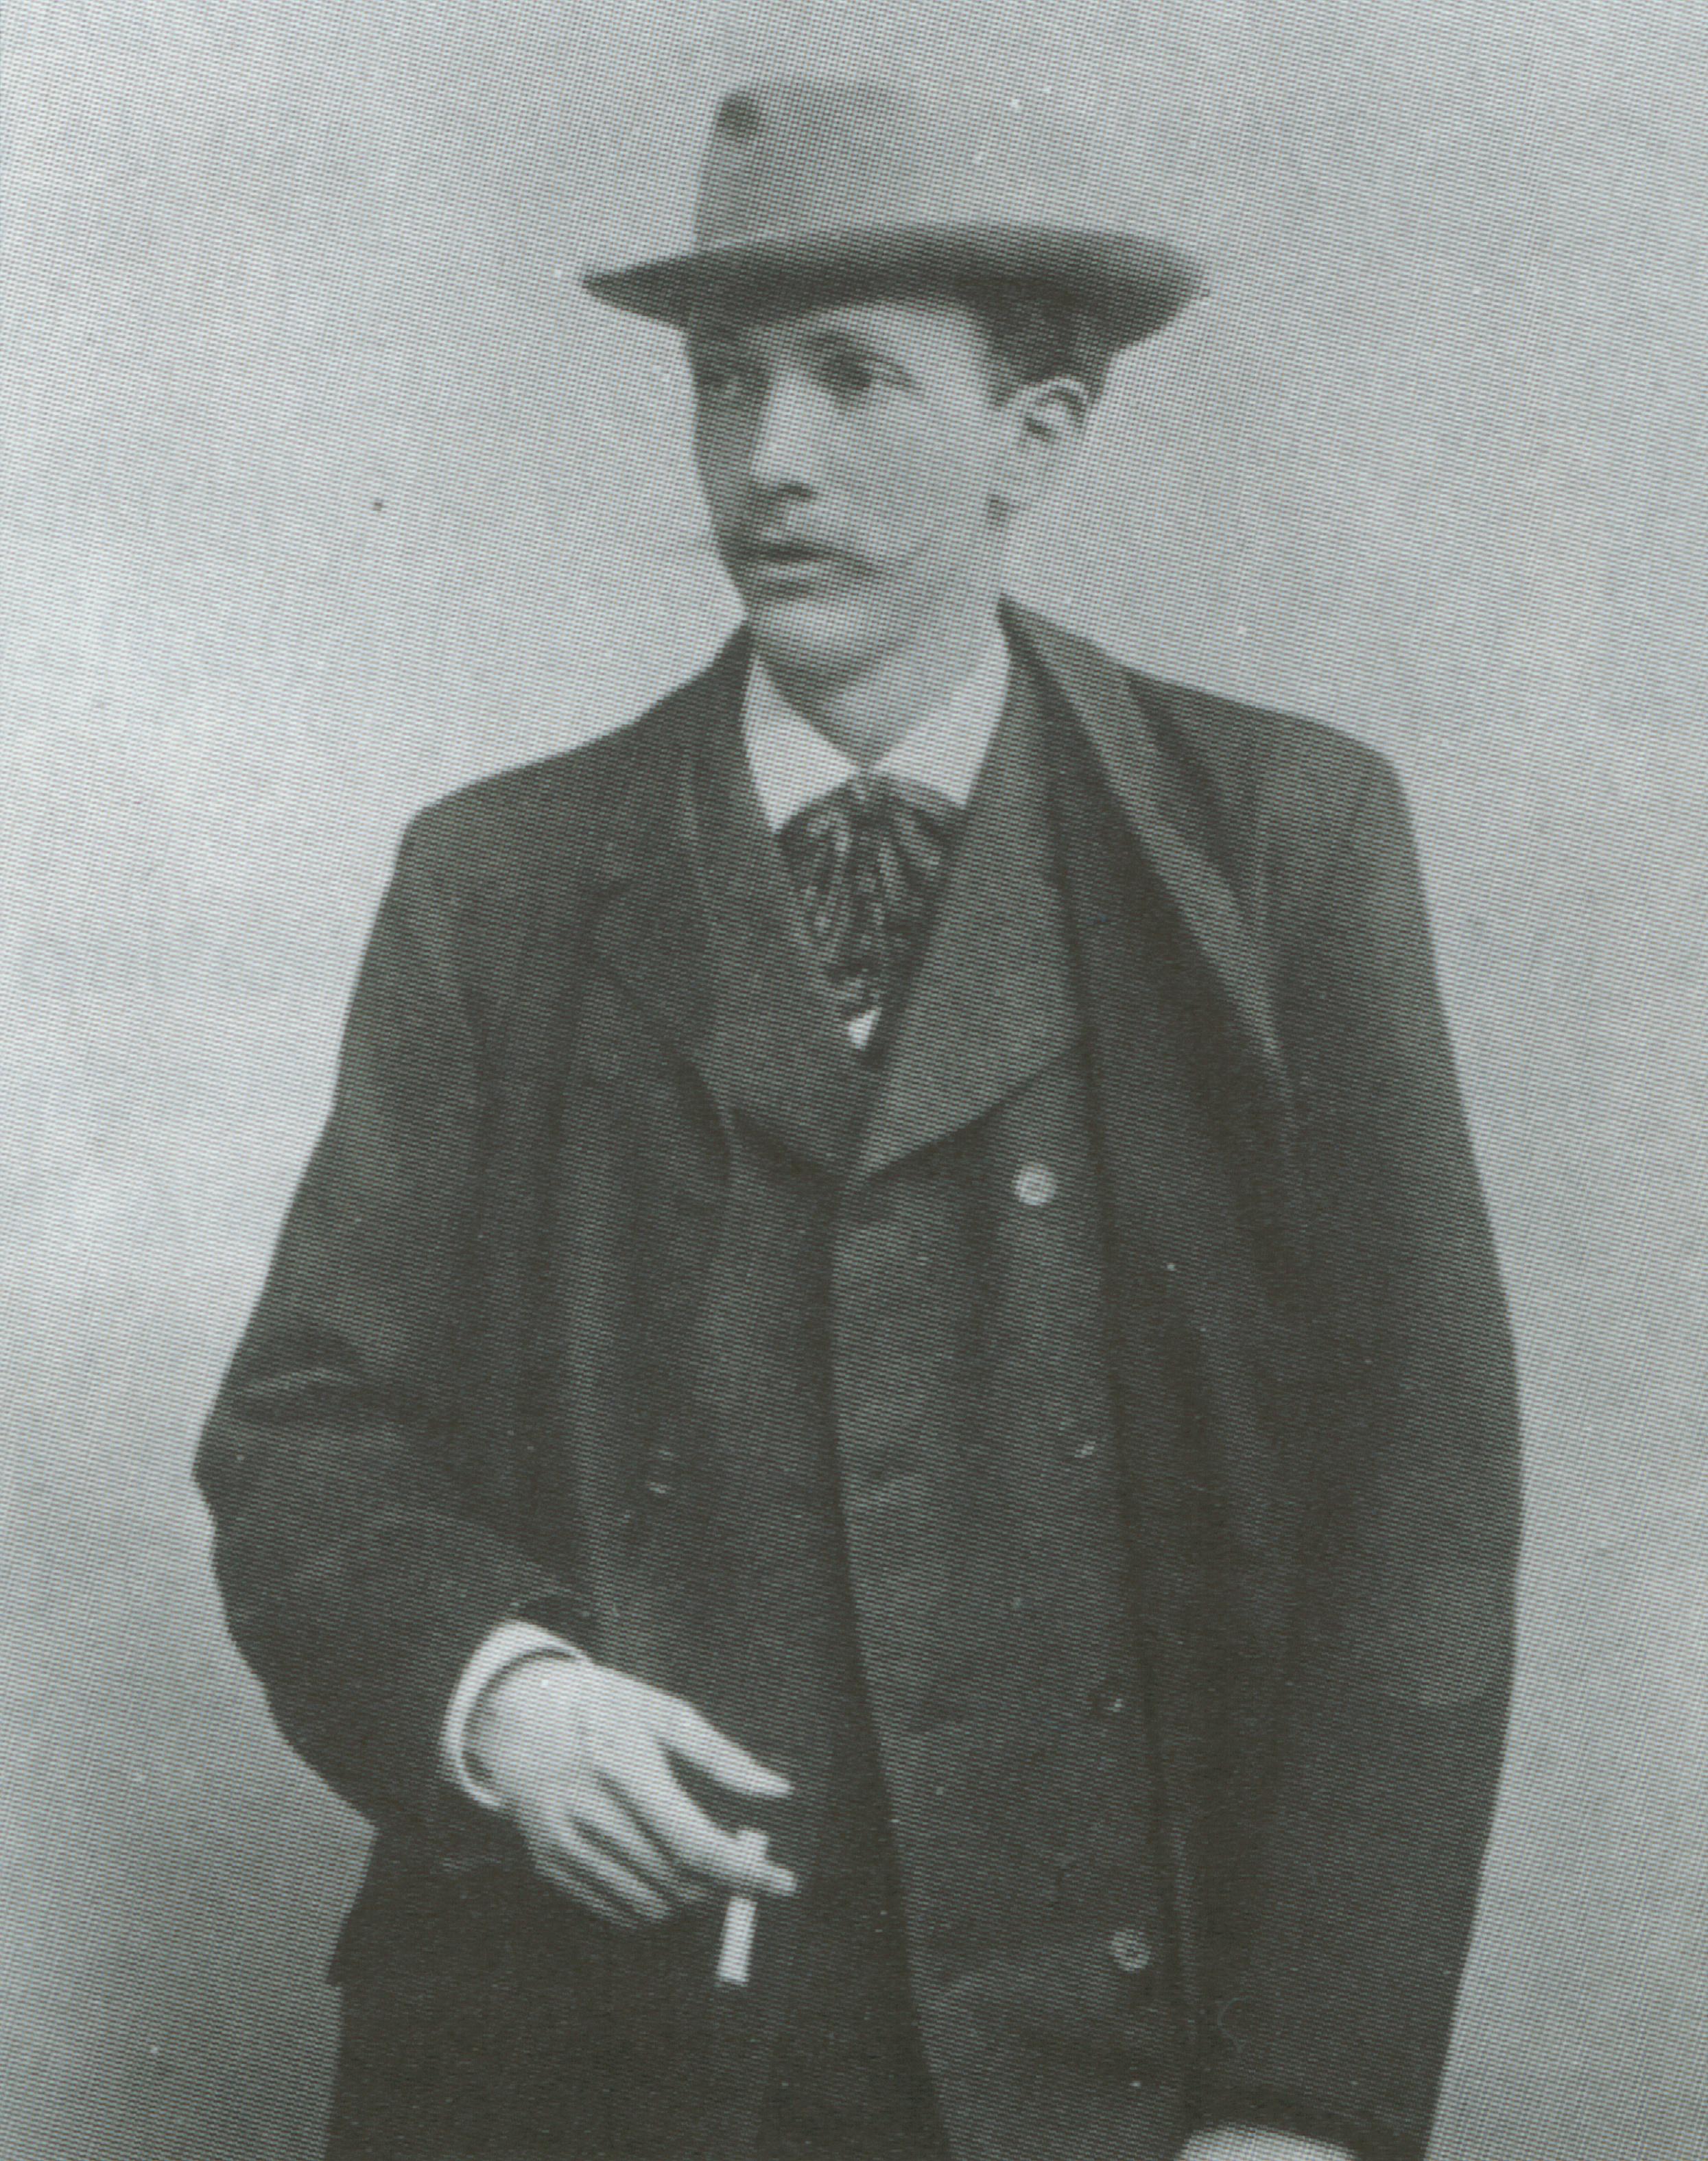 Richard STRAUSS vers 1901, une photo de l'Atelier Hertel, cliquer pour une vue agrandie